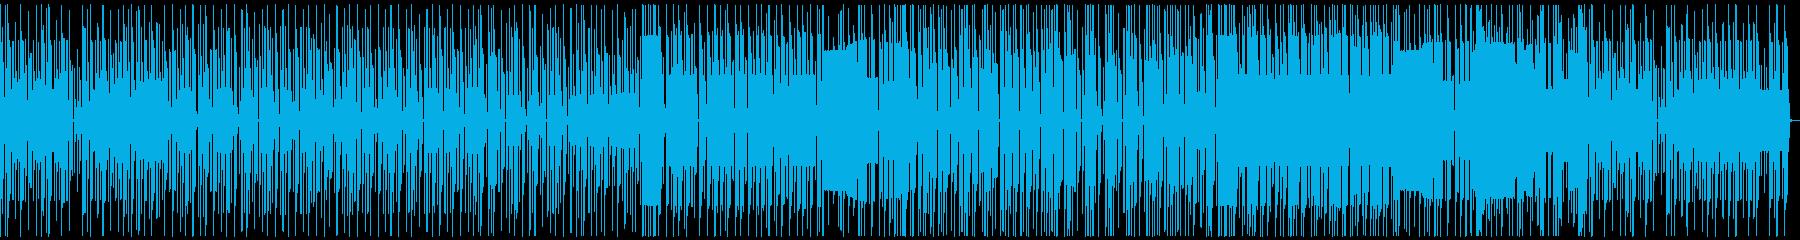 FC風 未来への再生済みの波形